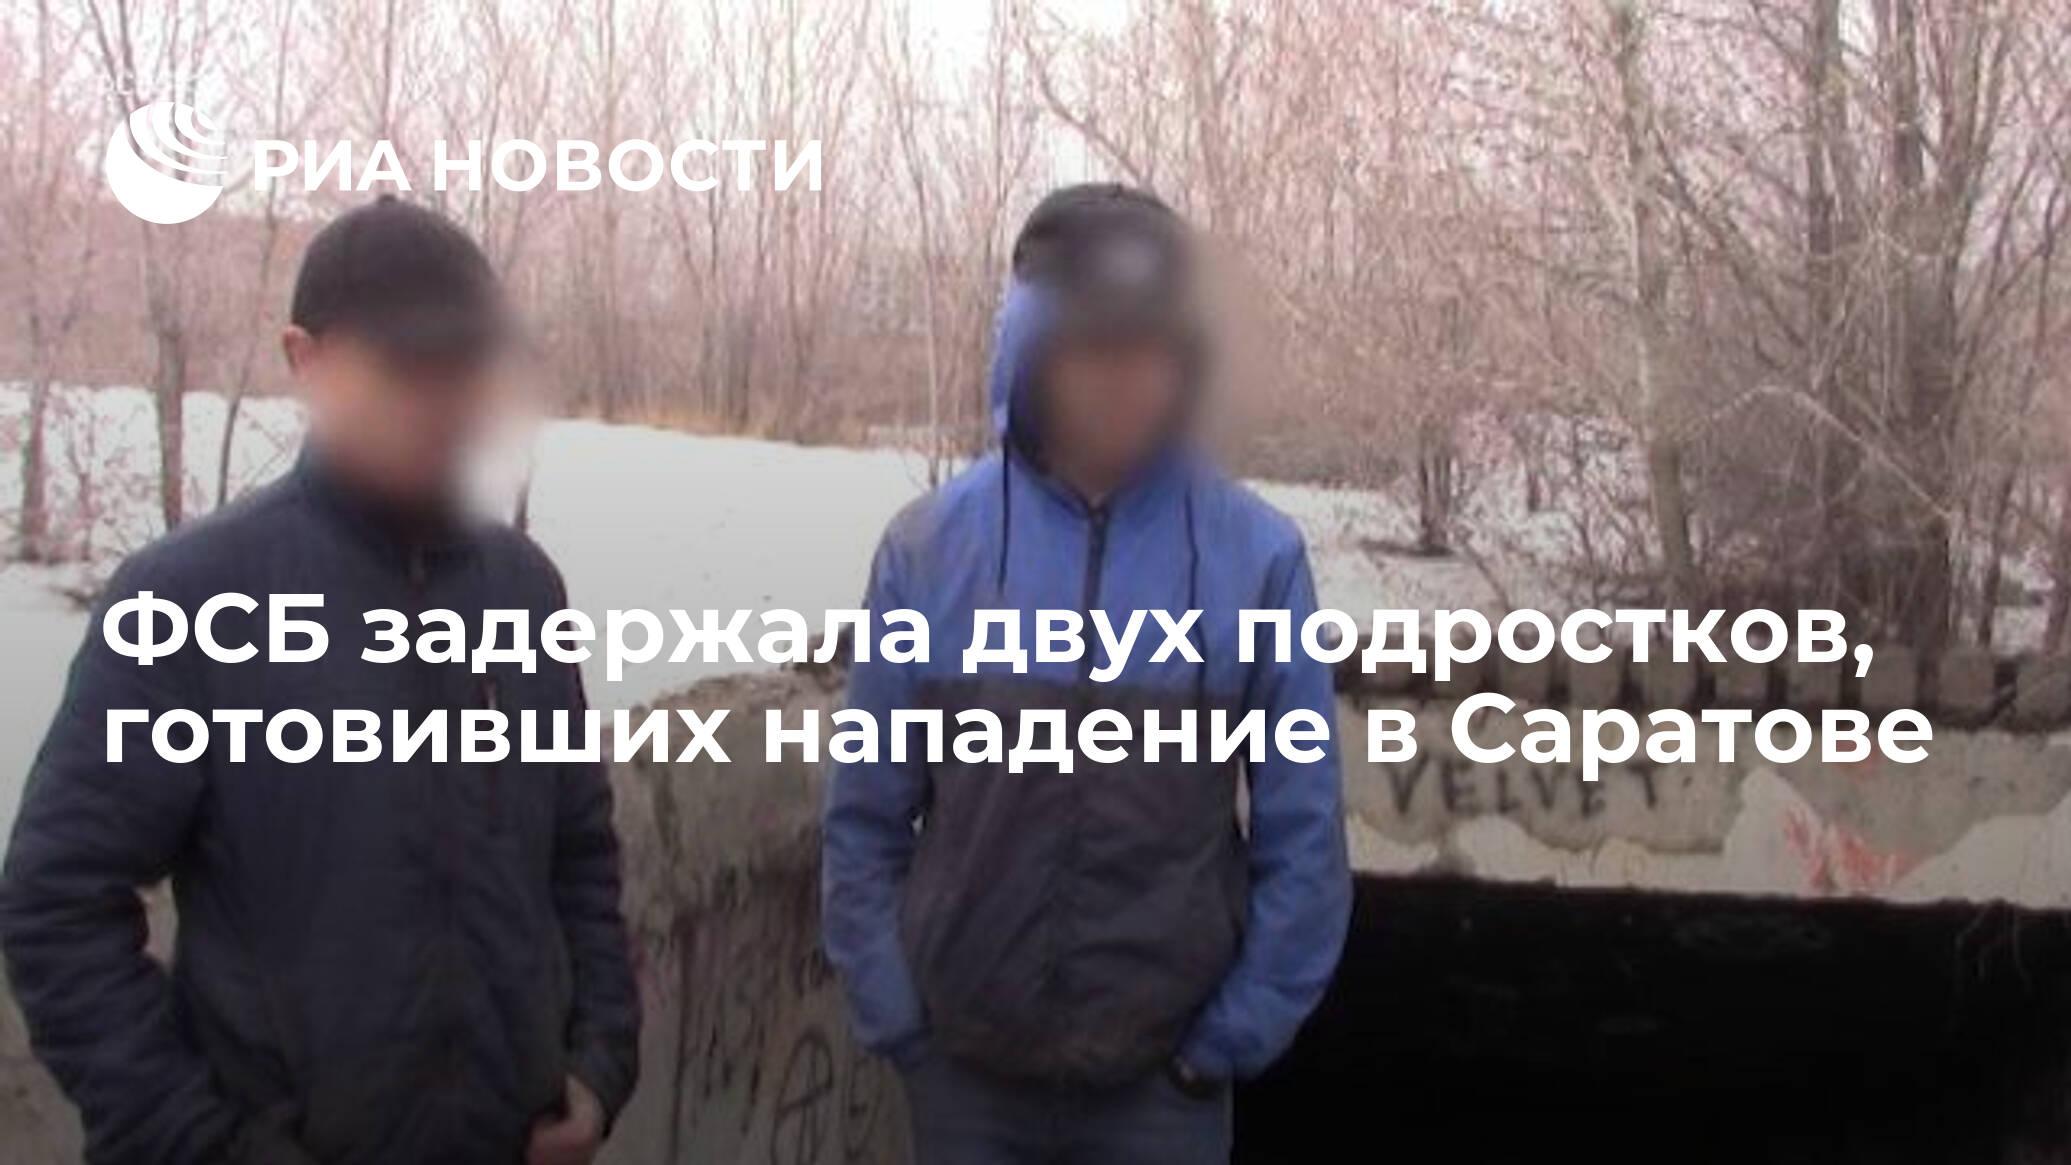 ФСБ предотвратила нападение подростков на учебное заведение в Саратове